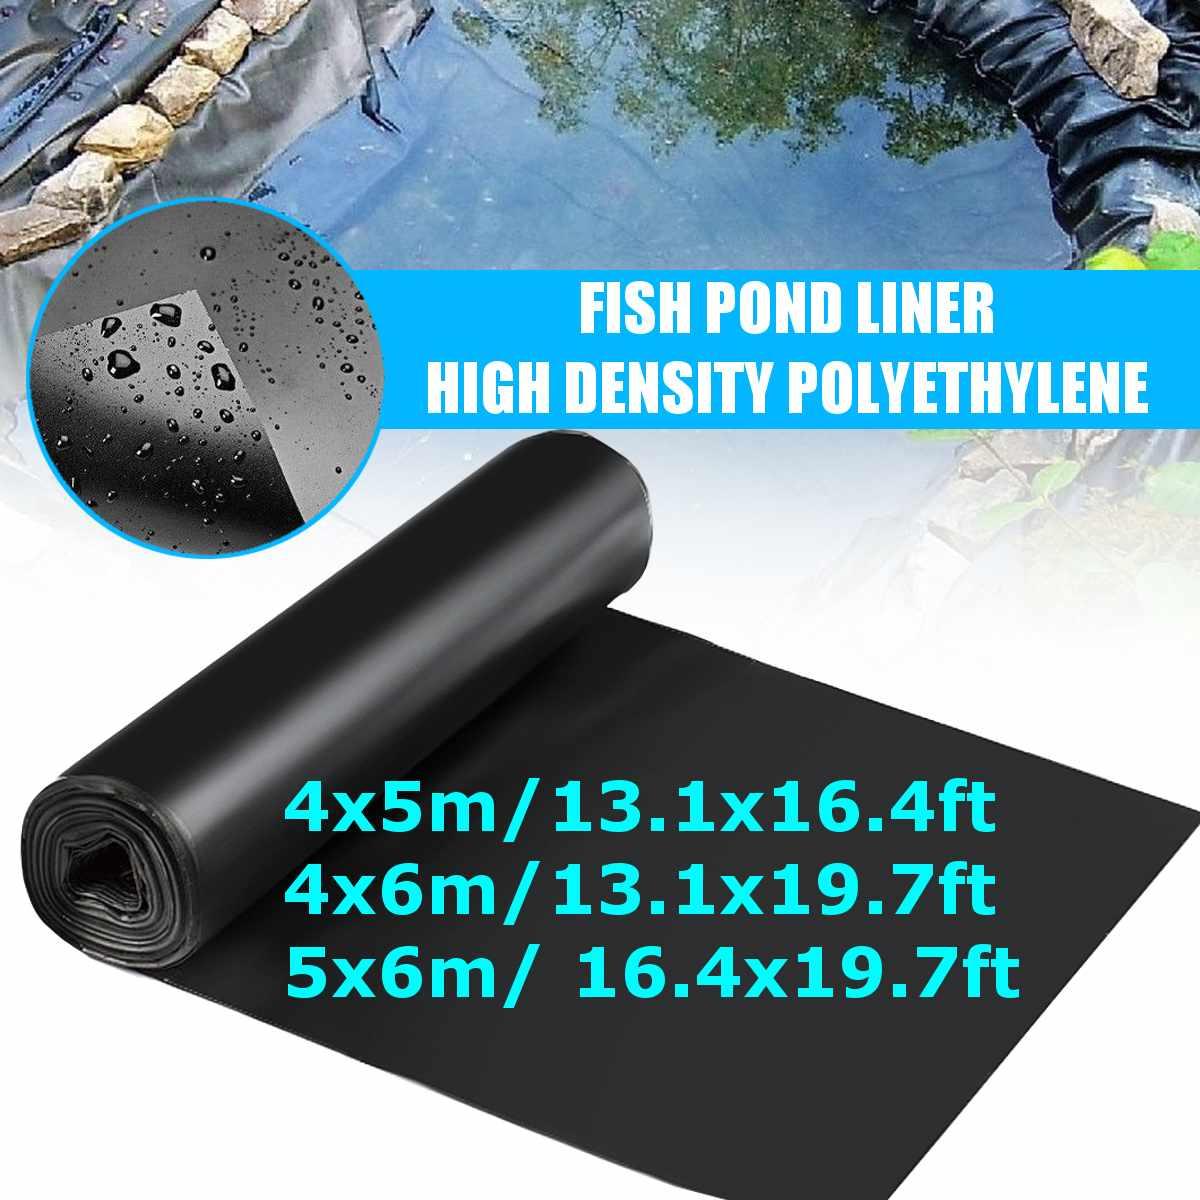 4x 5/4x 6/5x 6EPDM/HDPE السمك بركة بطانة المناظر الطبيعية مقاوم للماء غشاء كتيمة حمامات غطاء بركة بطانة رشاقته الثقيلة بطانة